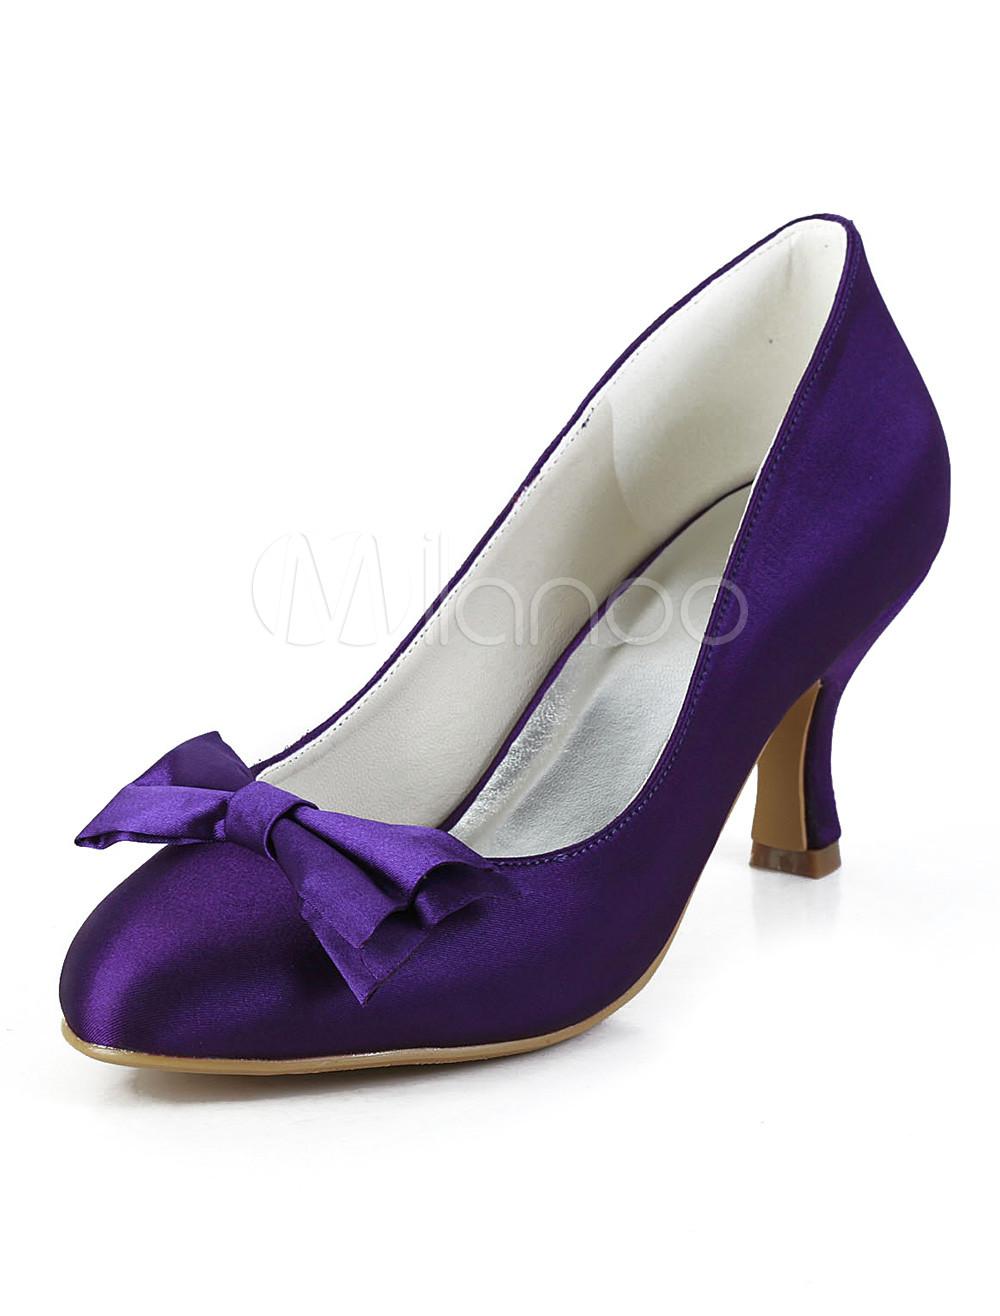 Chaussures violettes LFUxH7KYFj